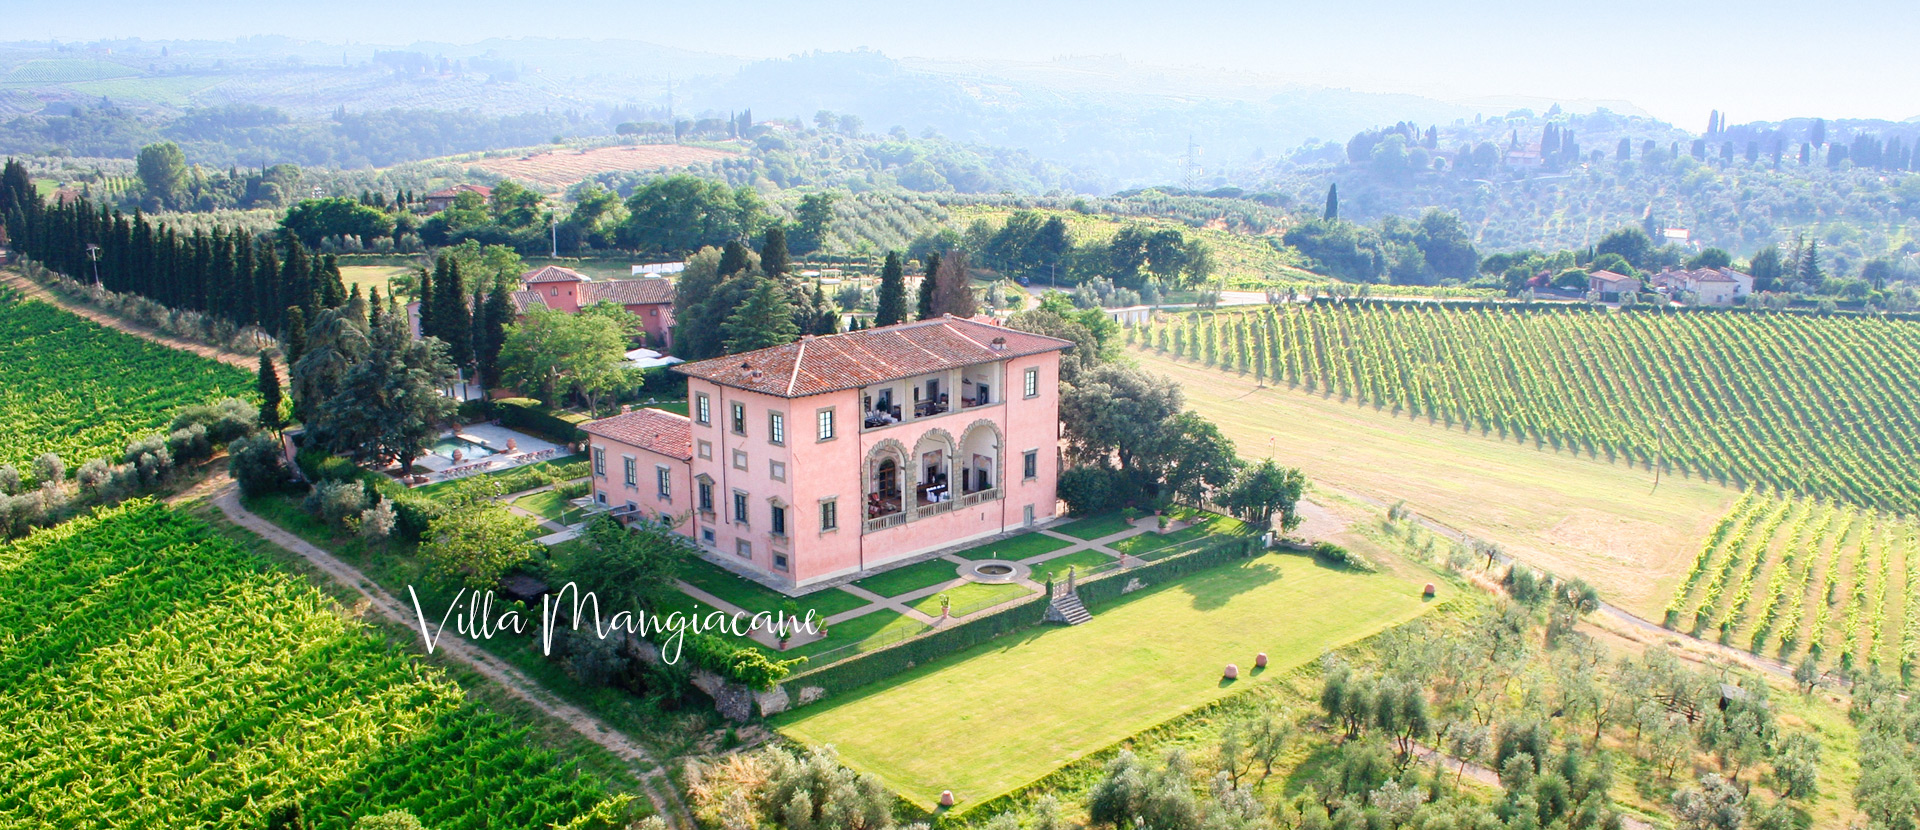 Villa Mangiacane Florence Tuscany